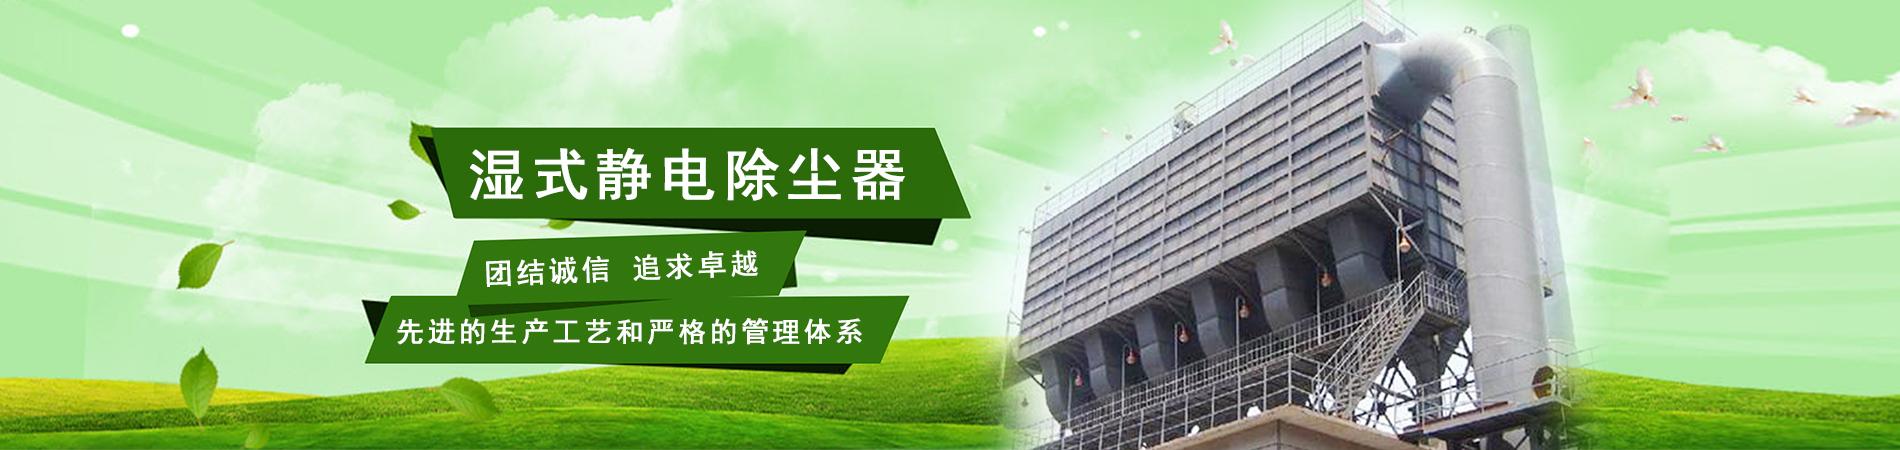 湿式静电除尘器,湿式电除尘器生产厂家,湿式静电除尘器厂家